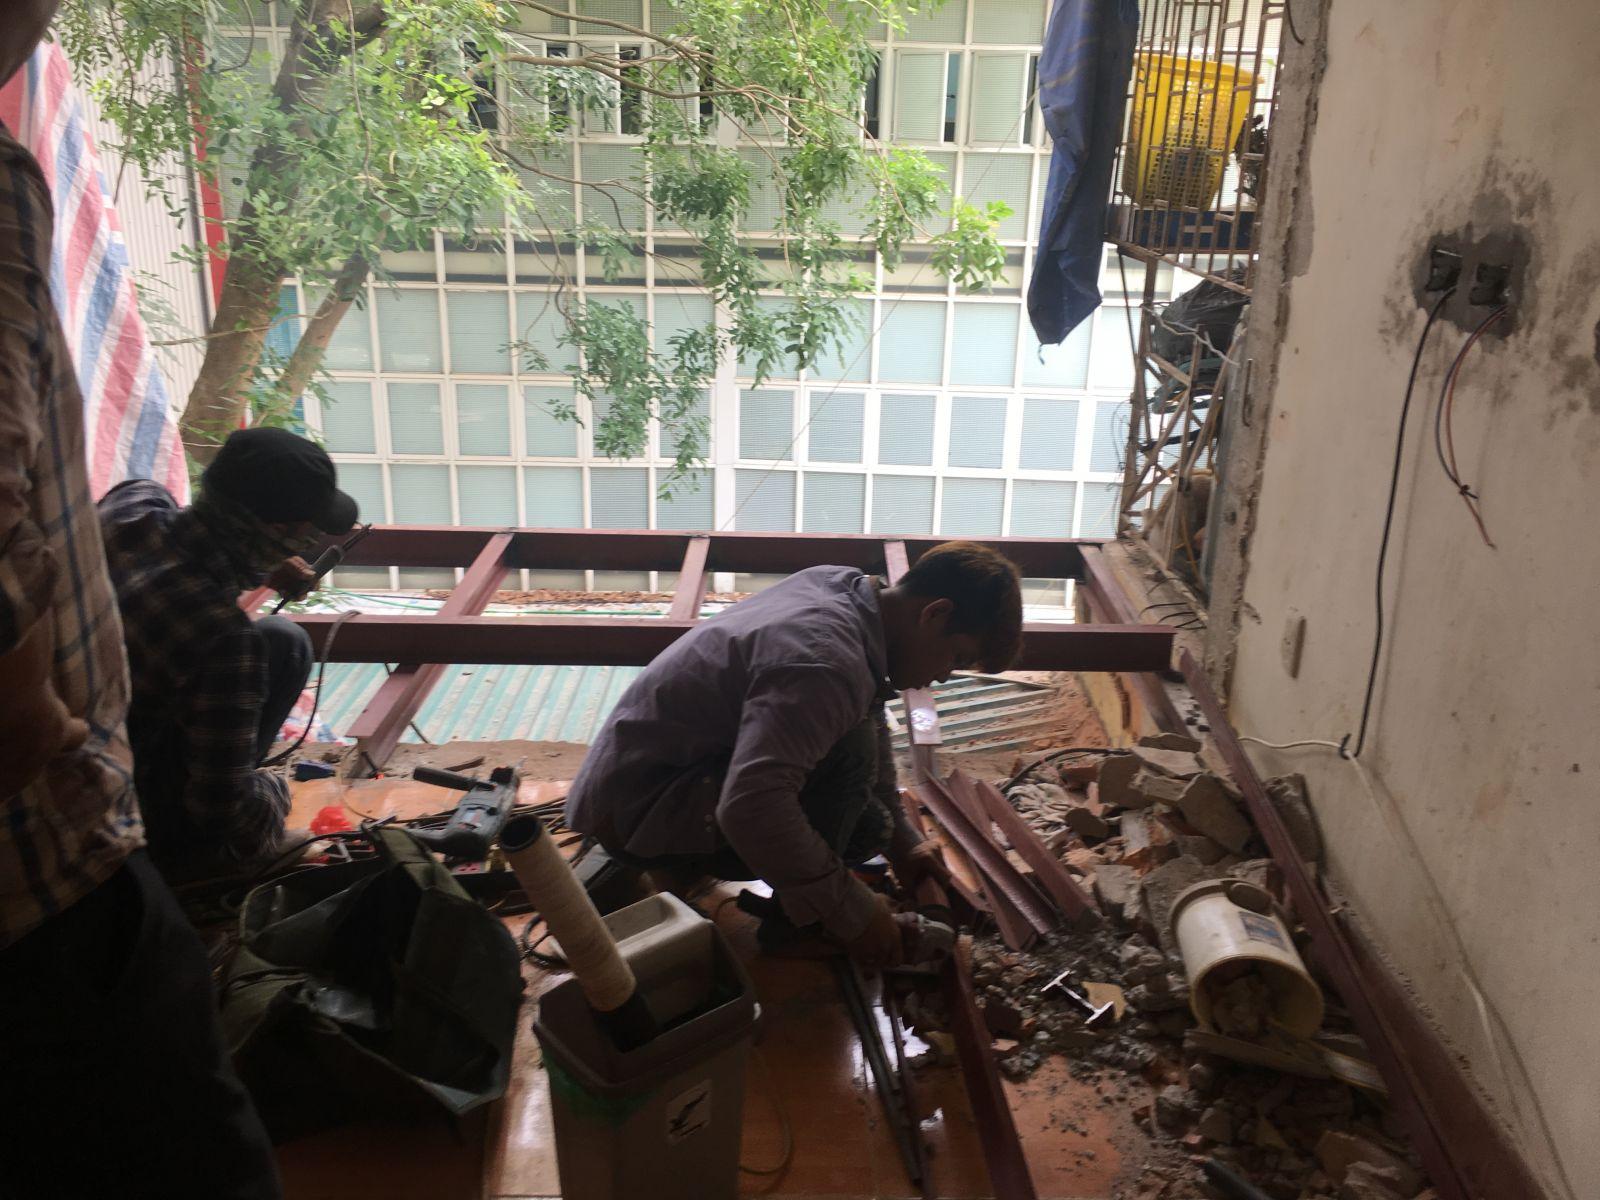 Công trình cải tạo chung cư cũ nhà Chị Thanh địa chỉ P313-A5 ngõ 28/76, Xuân La, Tây Hồ, Hà Nội-1